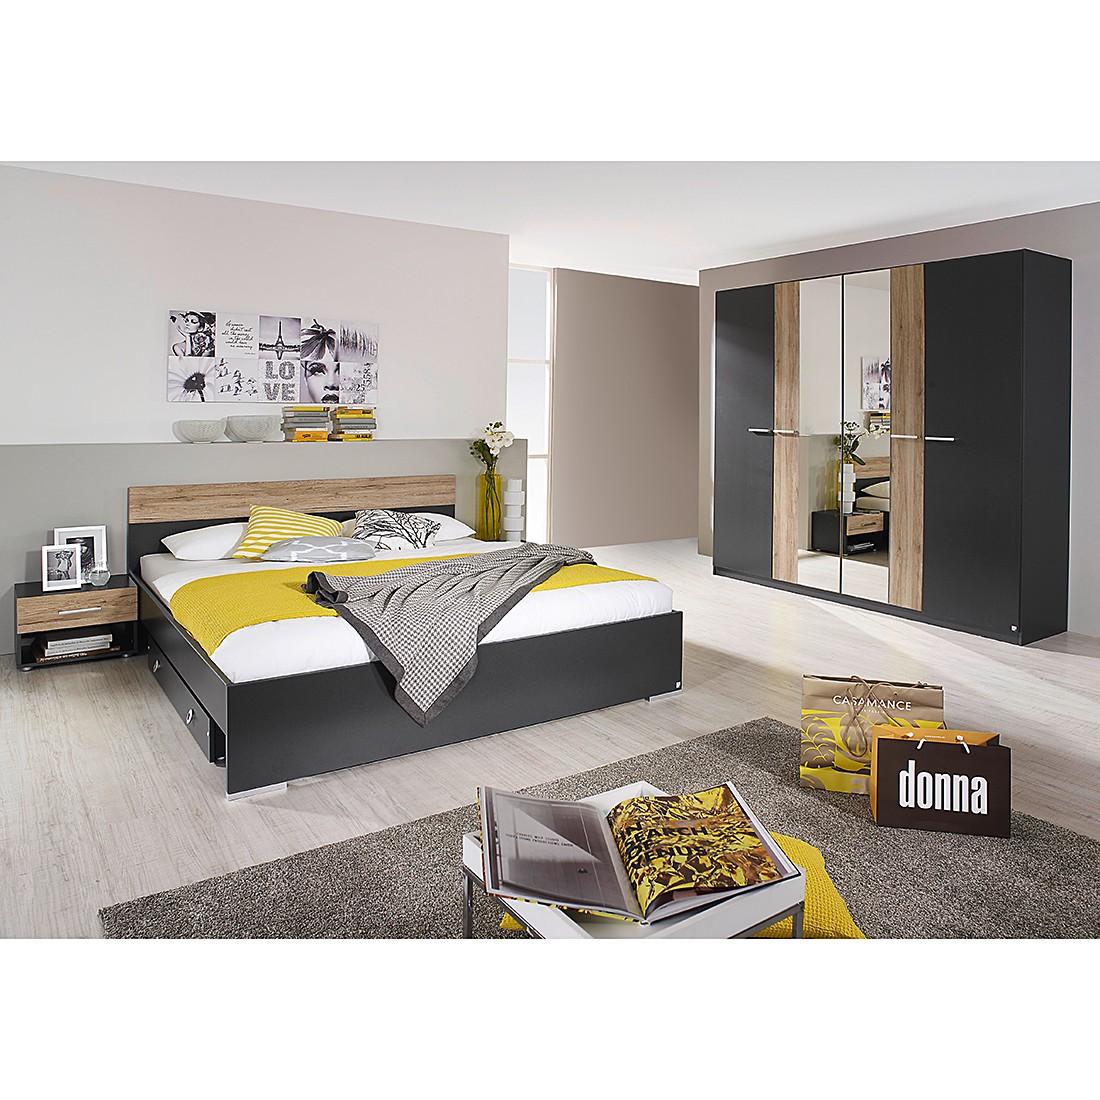 Betten & Zubehör online günstig kaufen über shop24.at | shop24